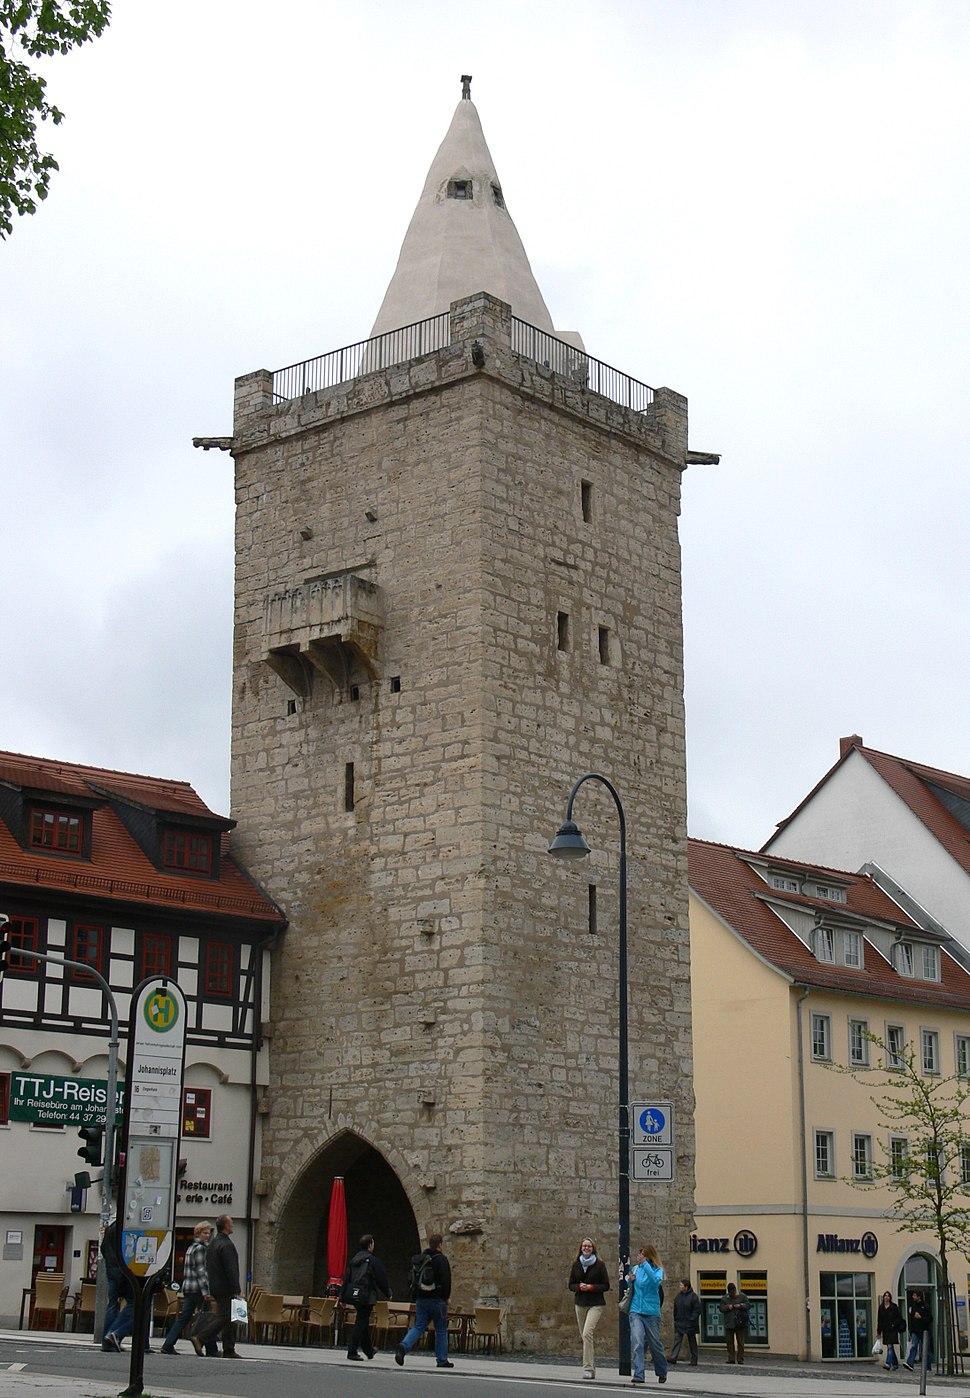 Jena Johannistor